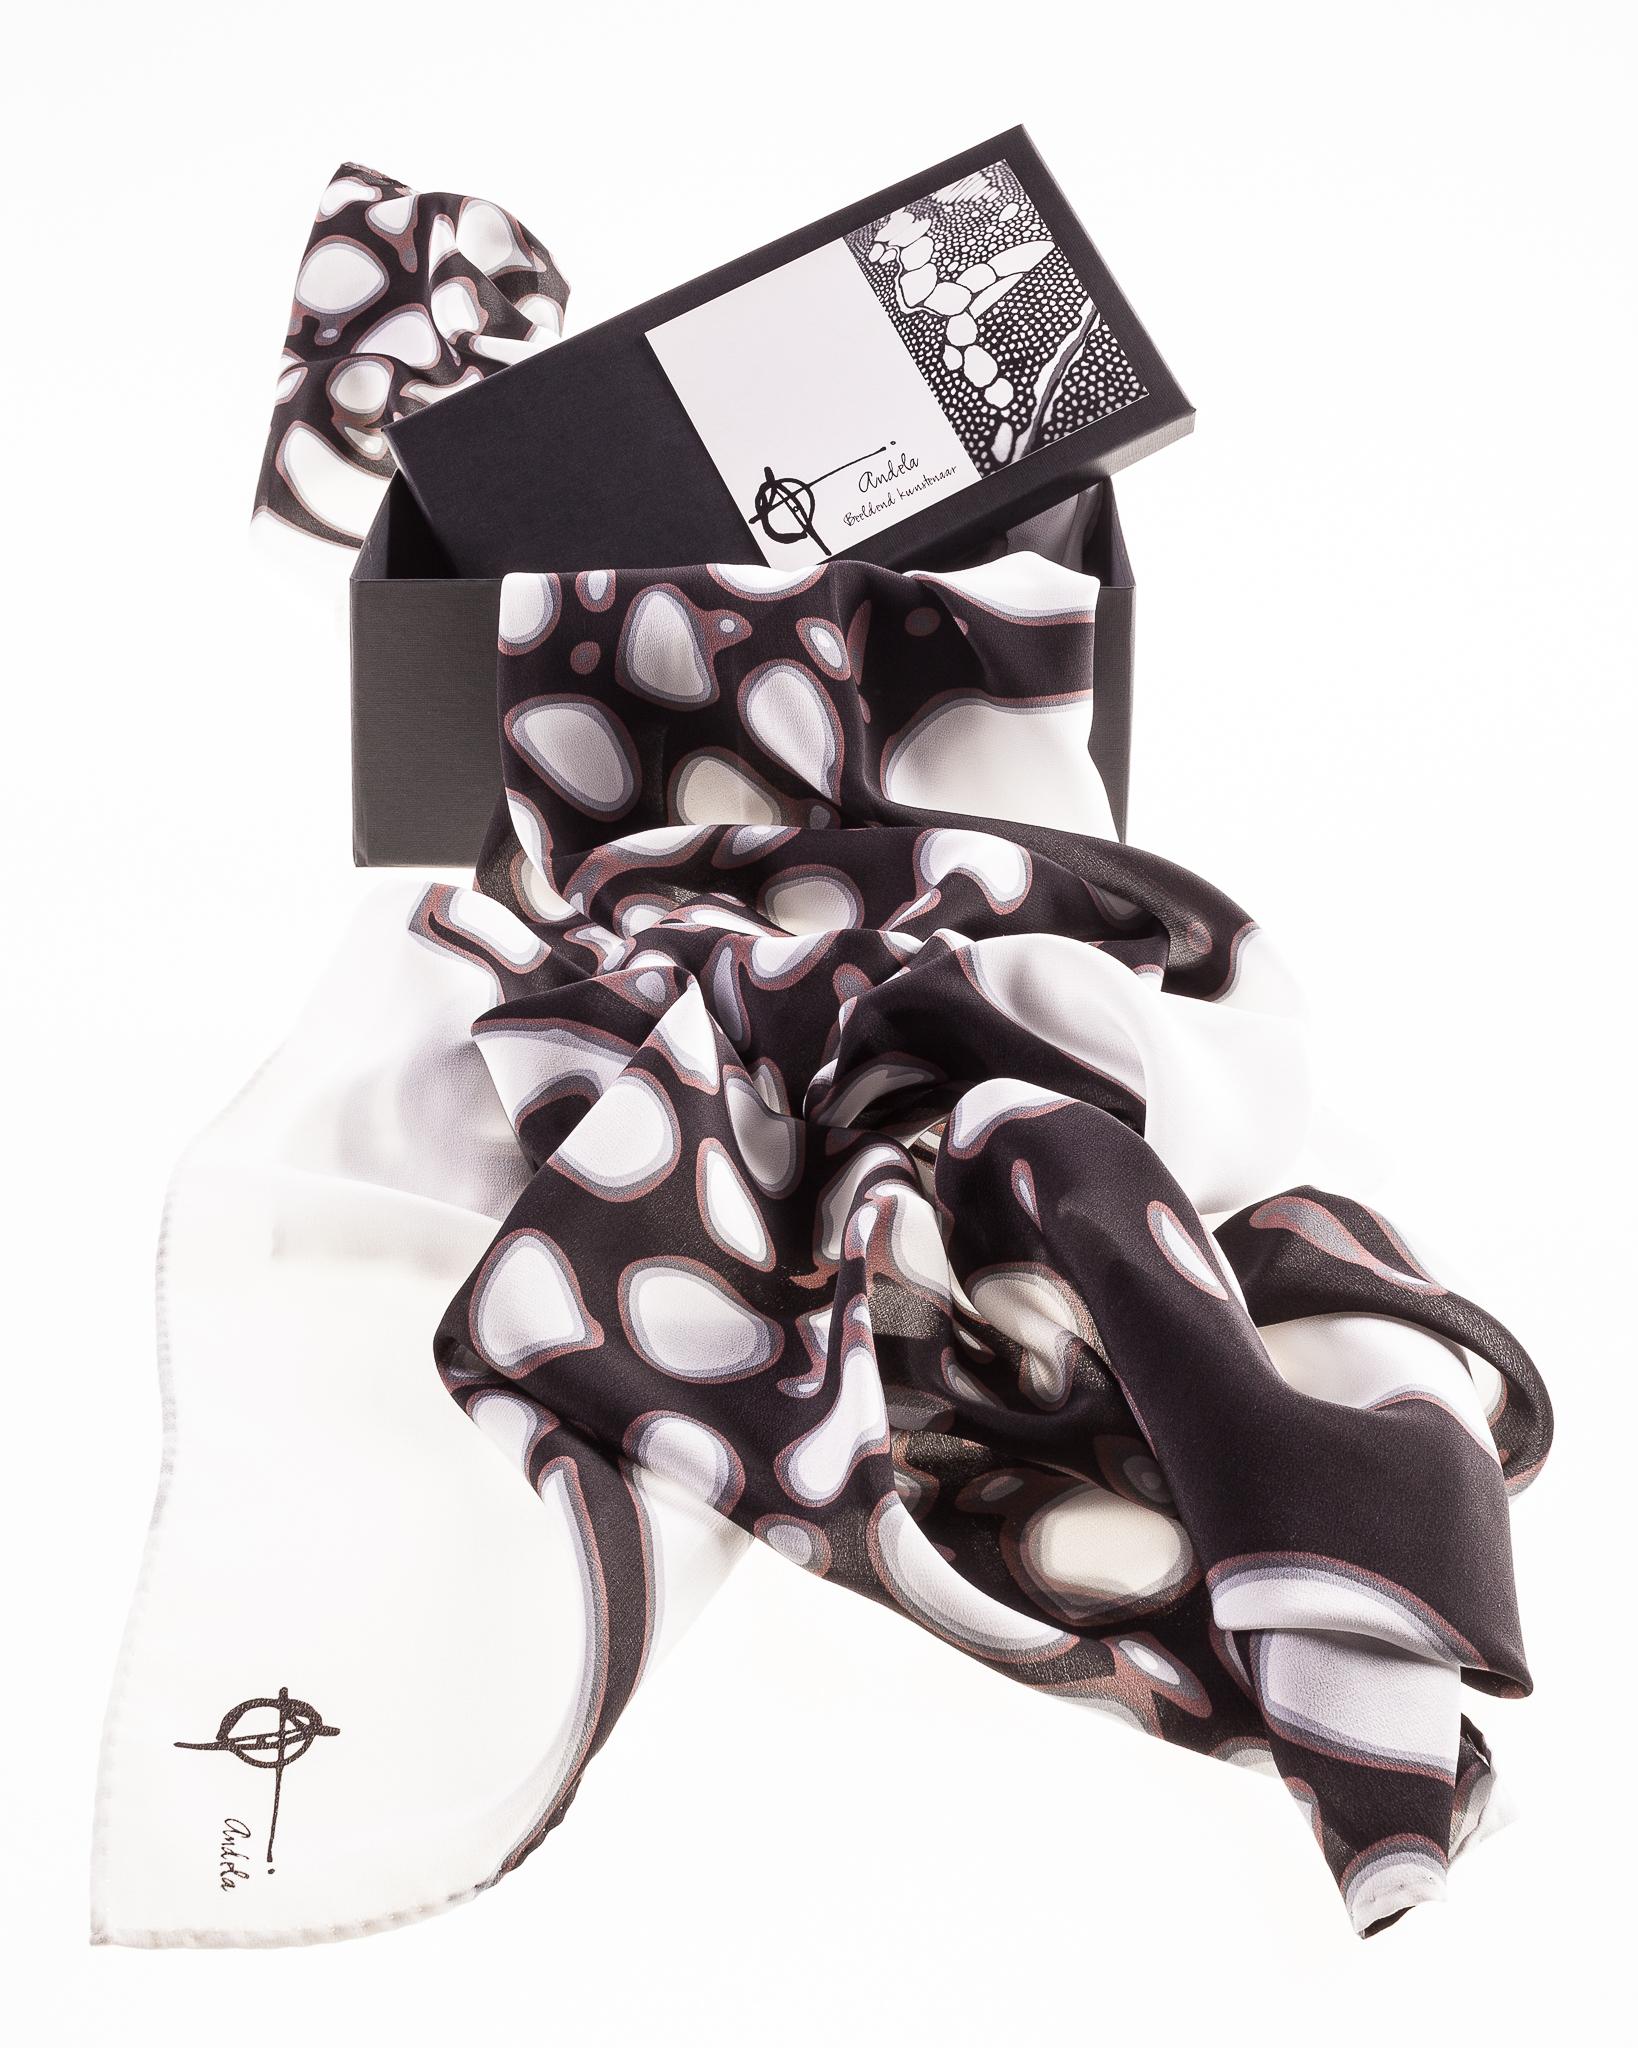 Productfotografie sjaals